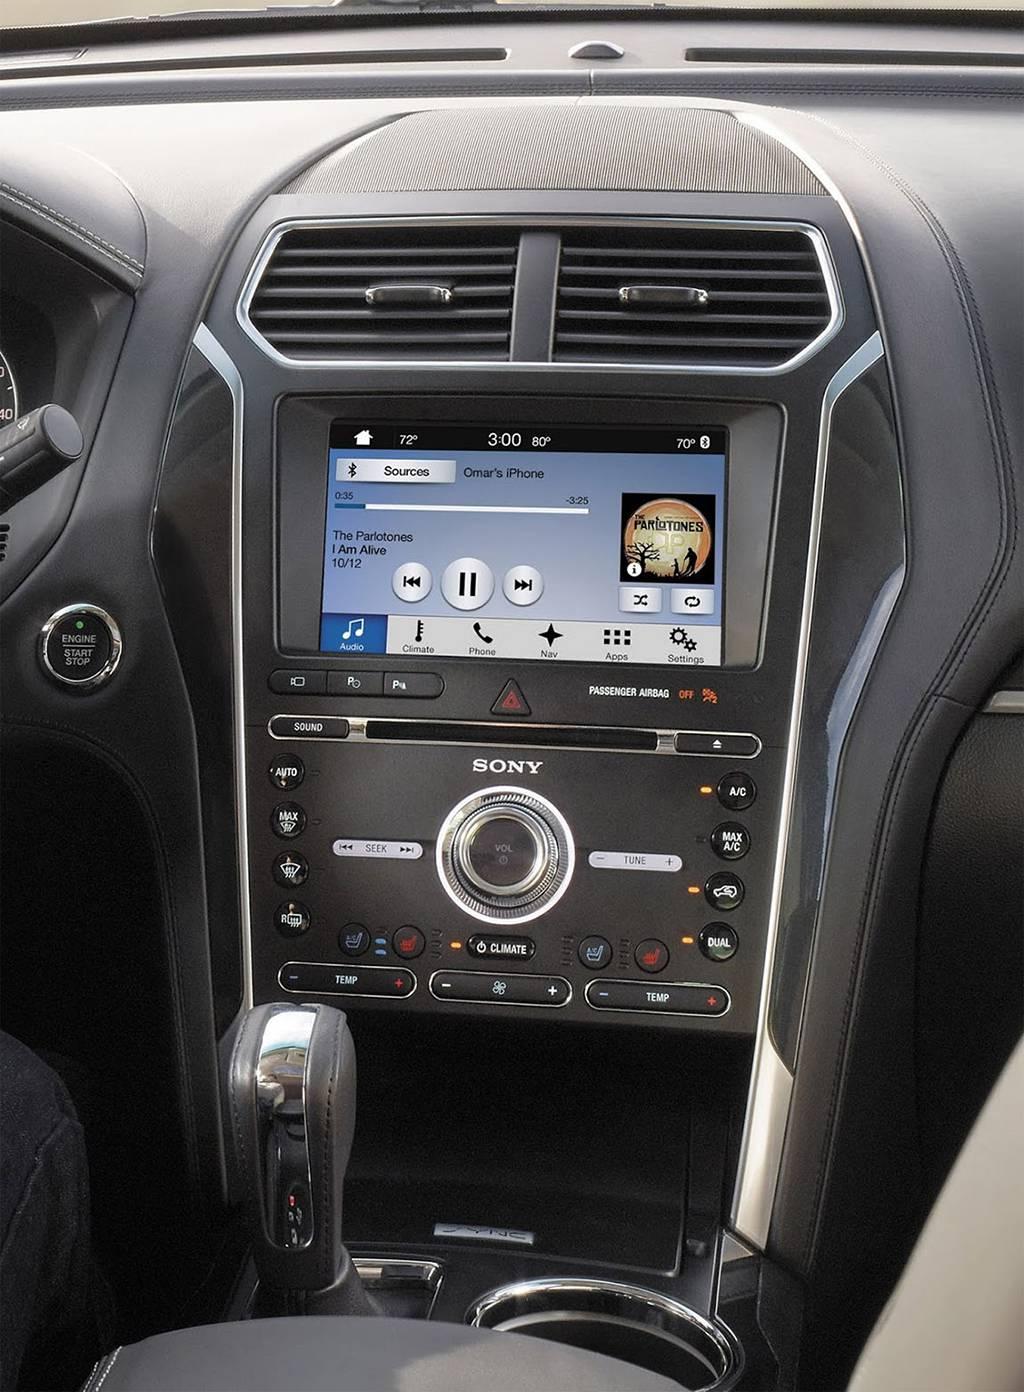 фото мультимедийной системы Ford Explorer 2018-201 года